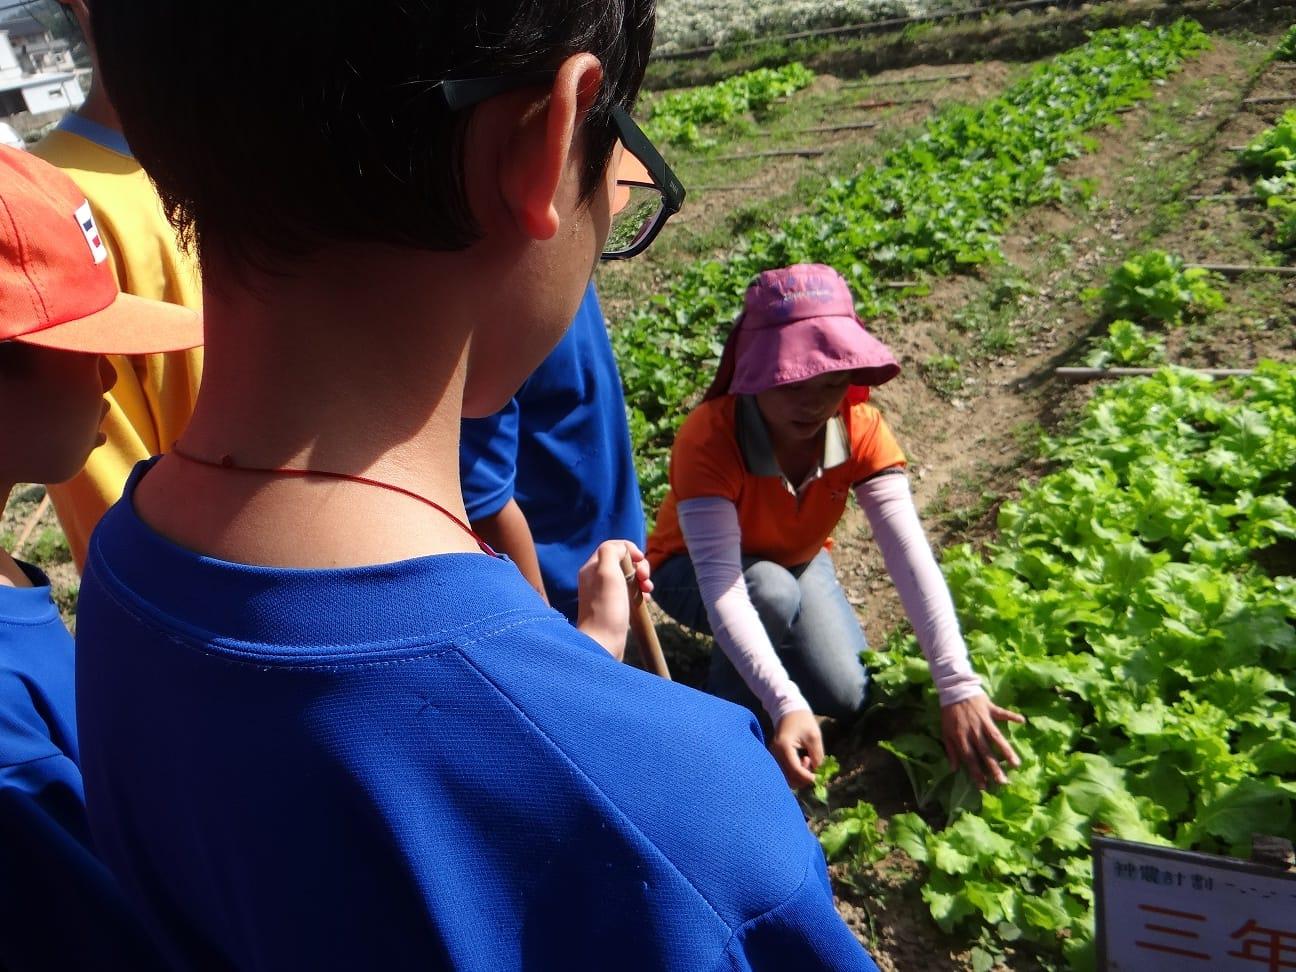 教導孩子們如何採收蔬菜